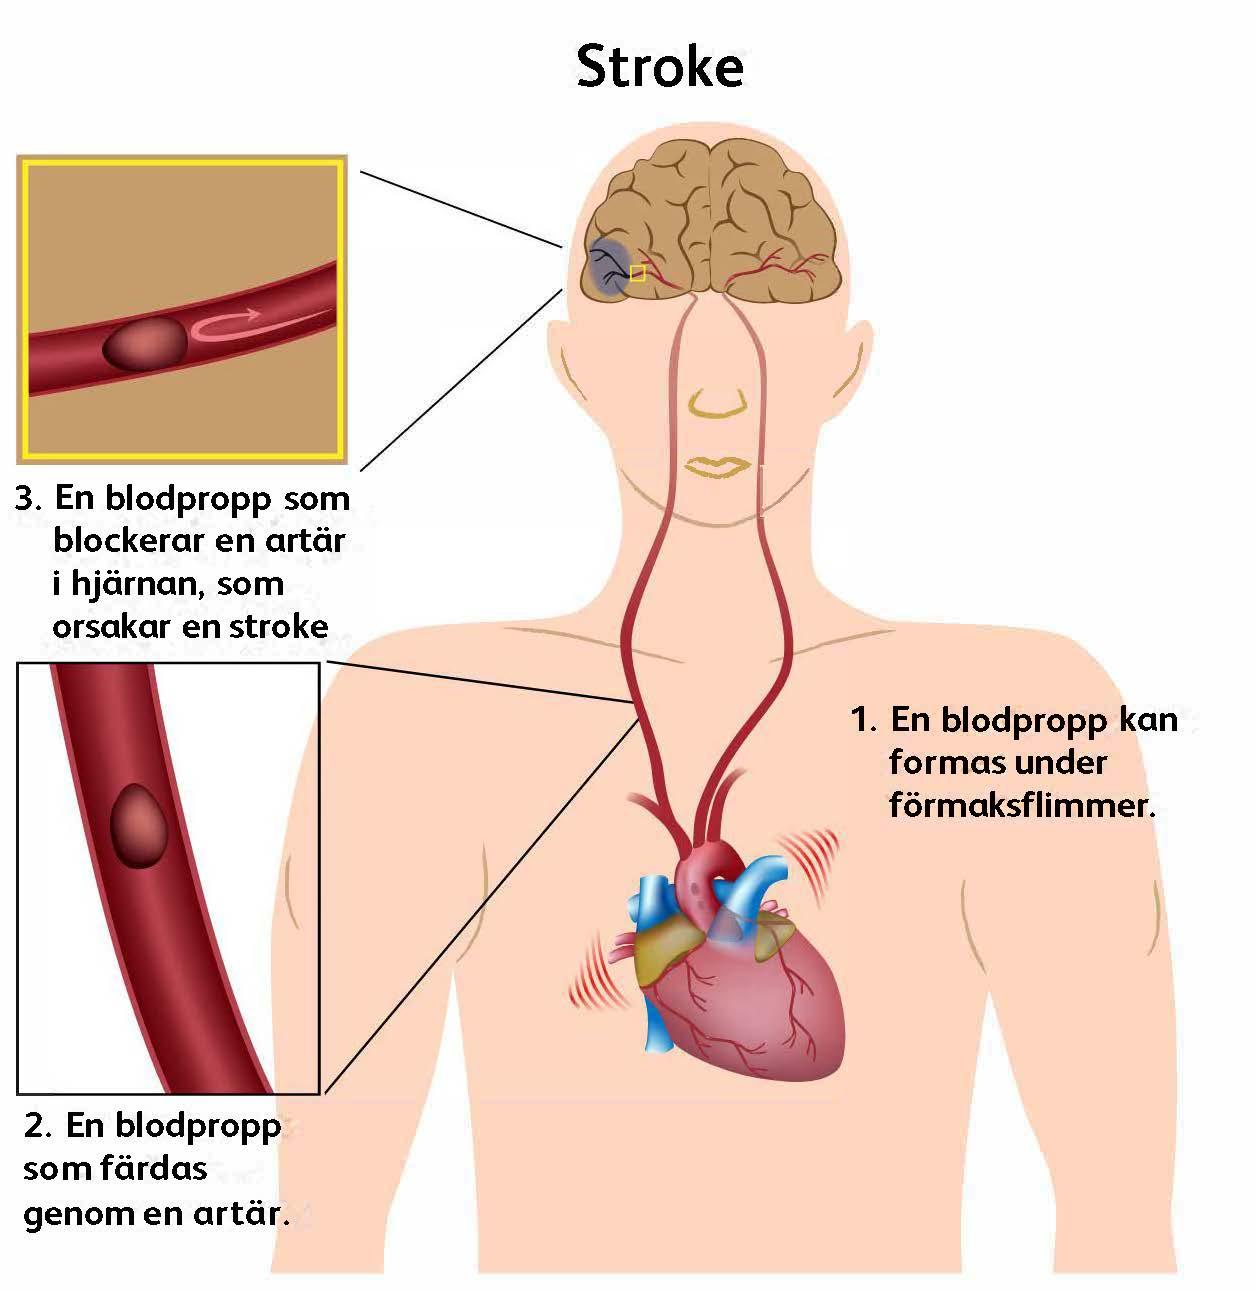 blodproppar i hjärnan